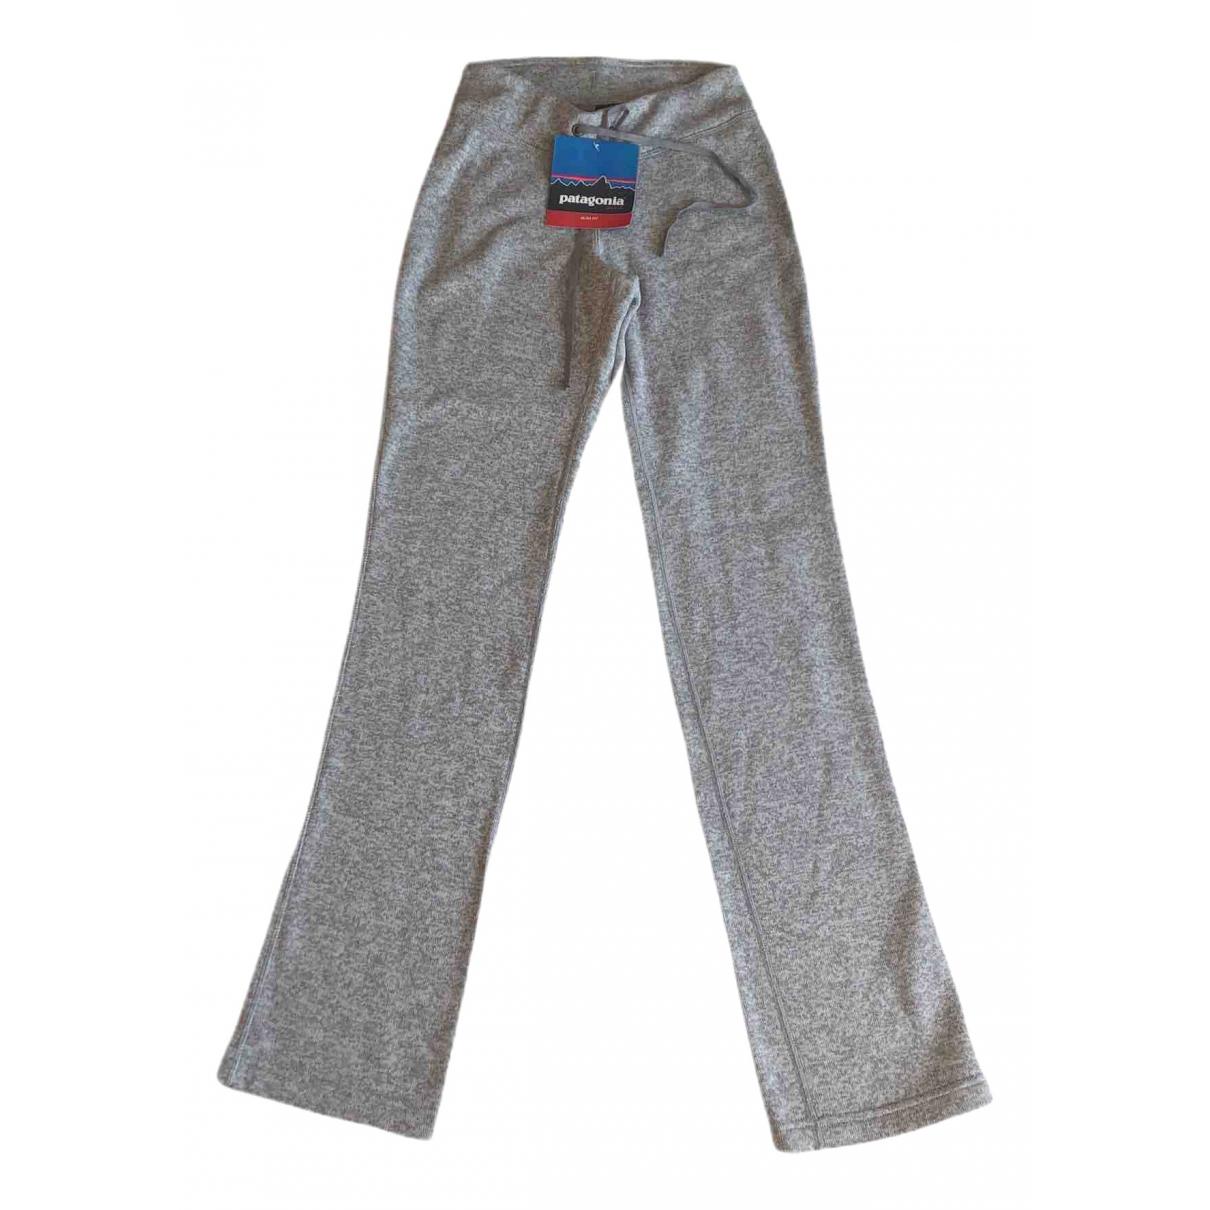 Pantalon en Algodon Gris Patagonia